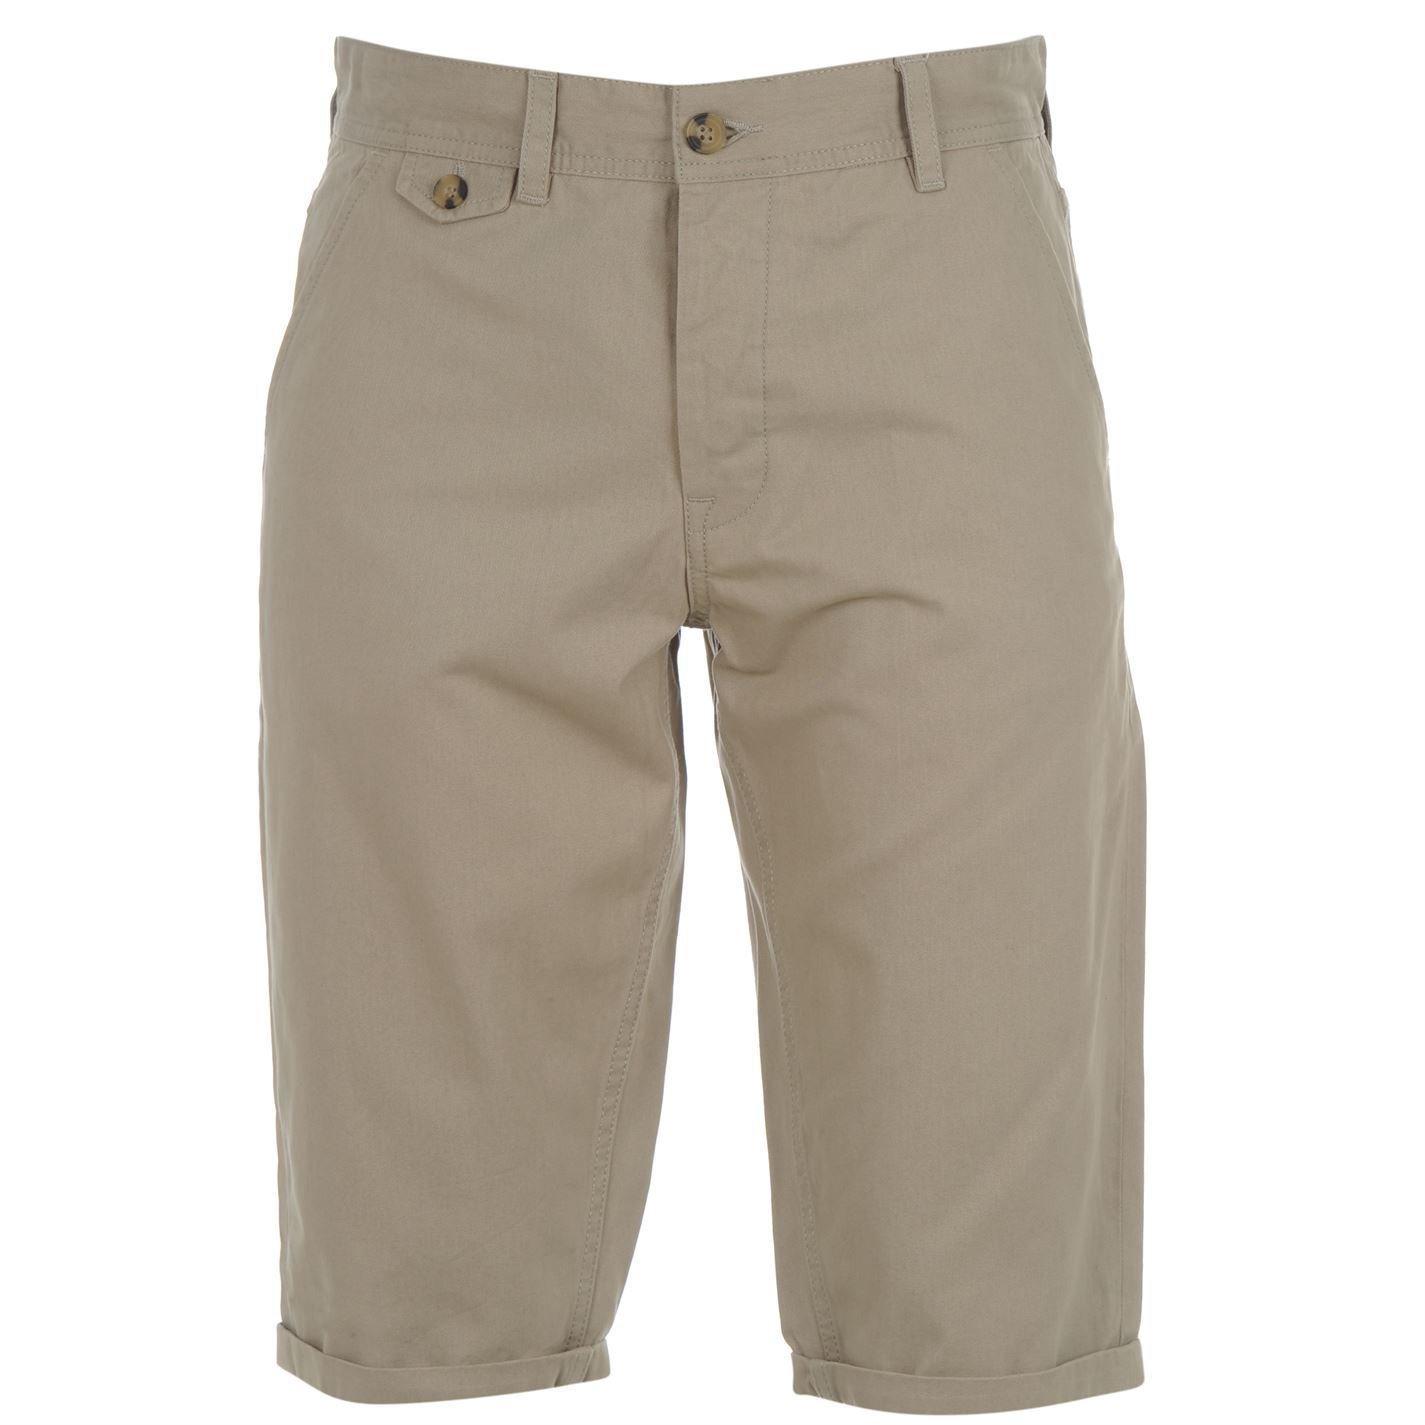 Kangol Mens Chino Shorts Pants Bottoms Belt Loops Clothing Wear